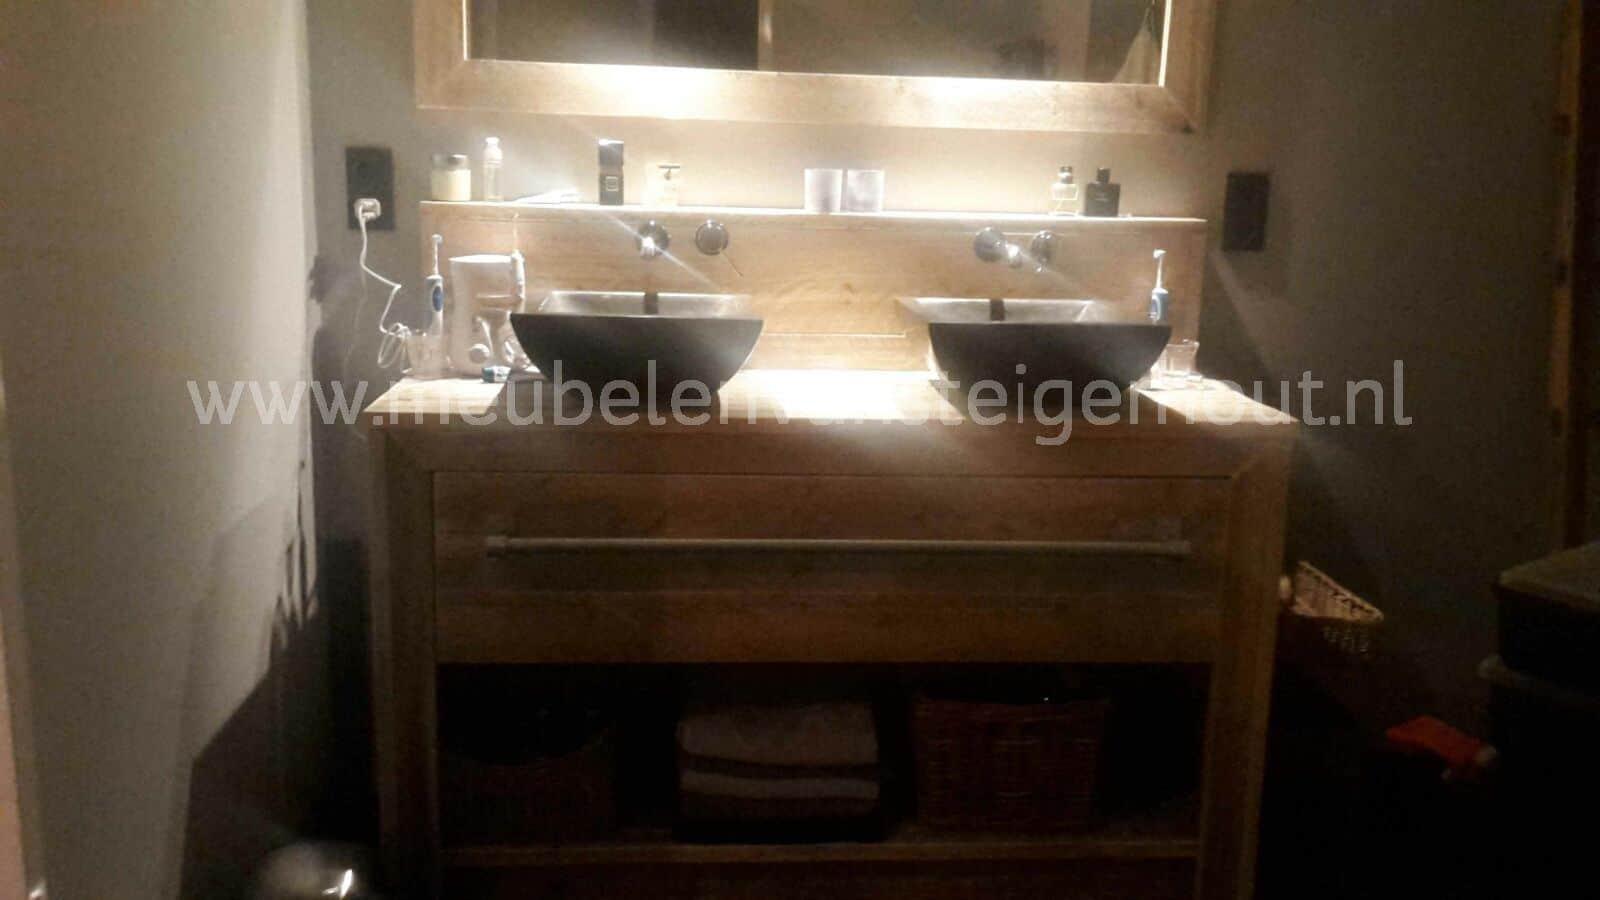 Badkamermeubel steigerhout type 16 meubelen van steigerhout - Huizen van de wereldmeubelen tv ...